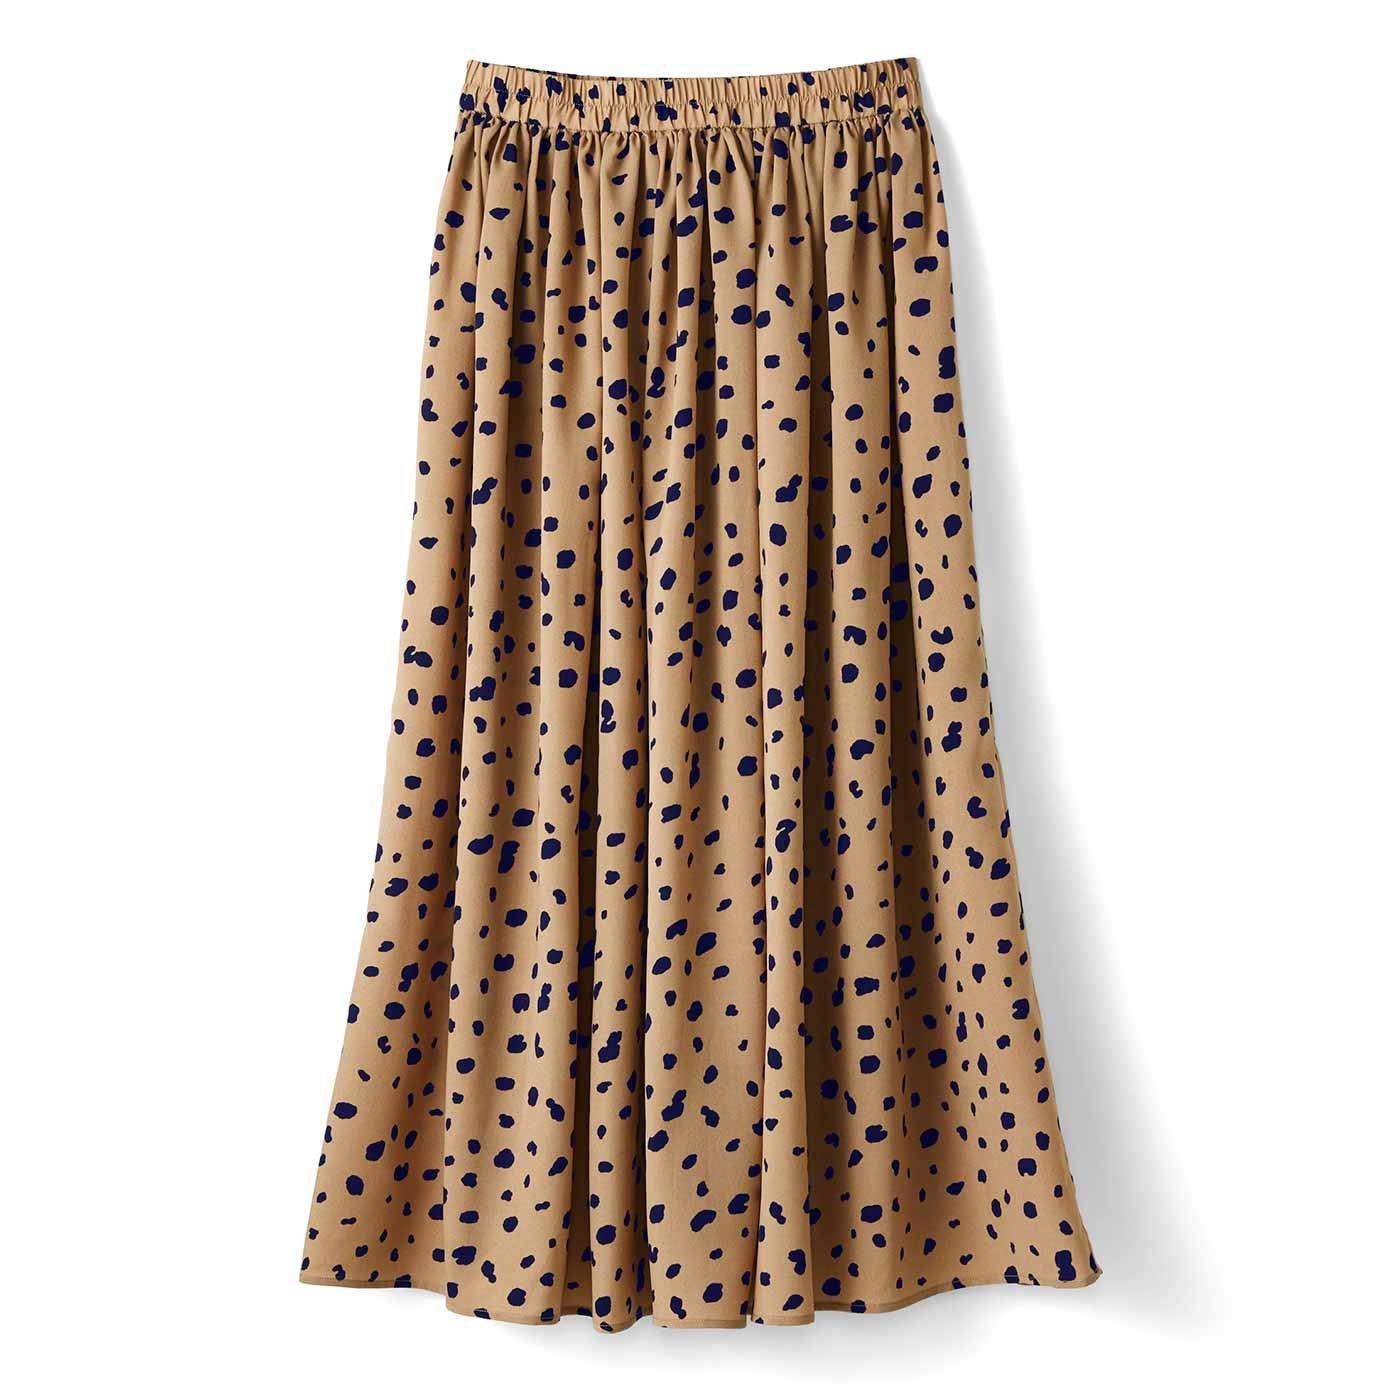 軽やかギャザーロングスカート〈ダルメシアン〉